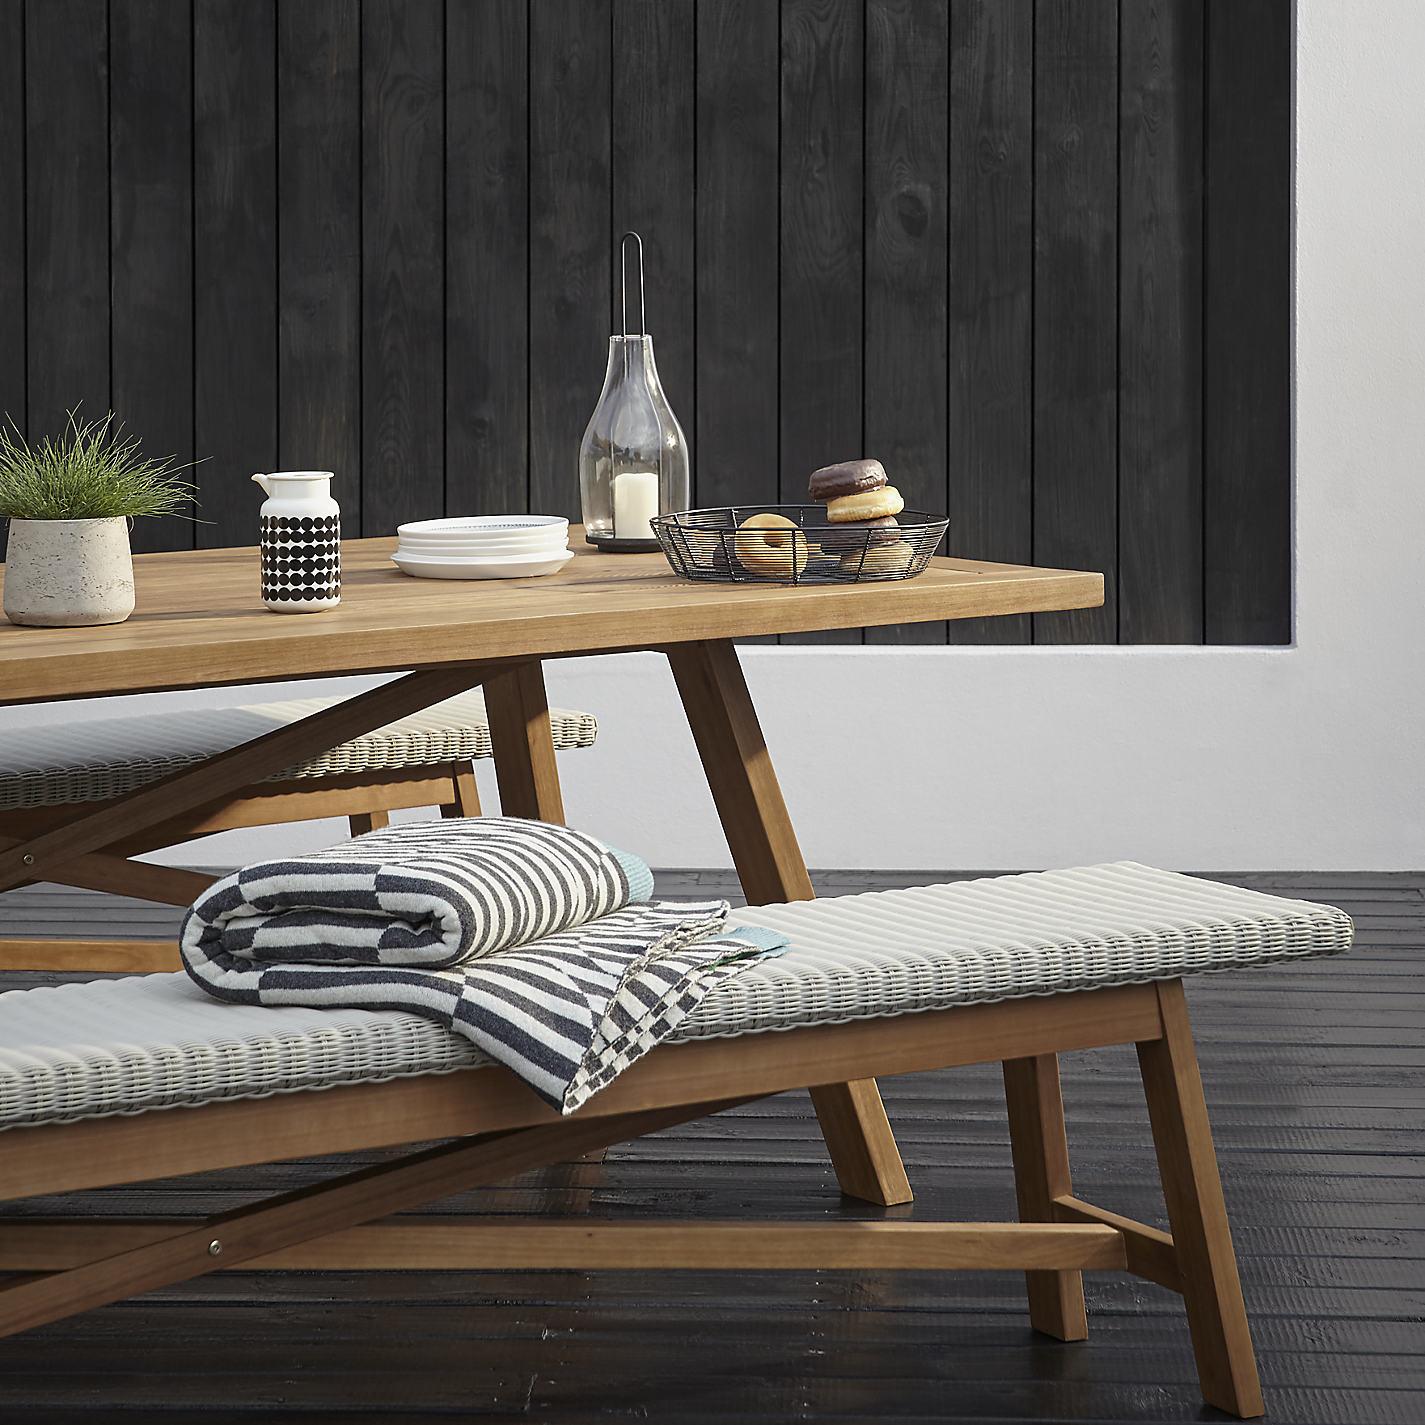 buy john lewis stockholm 6 seater dining table u0026 bench set